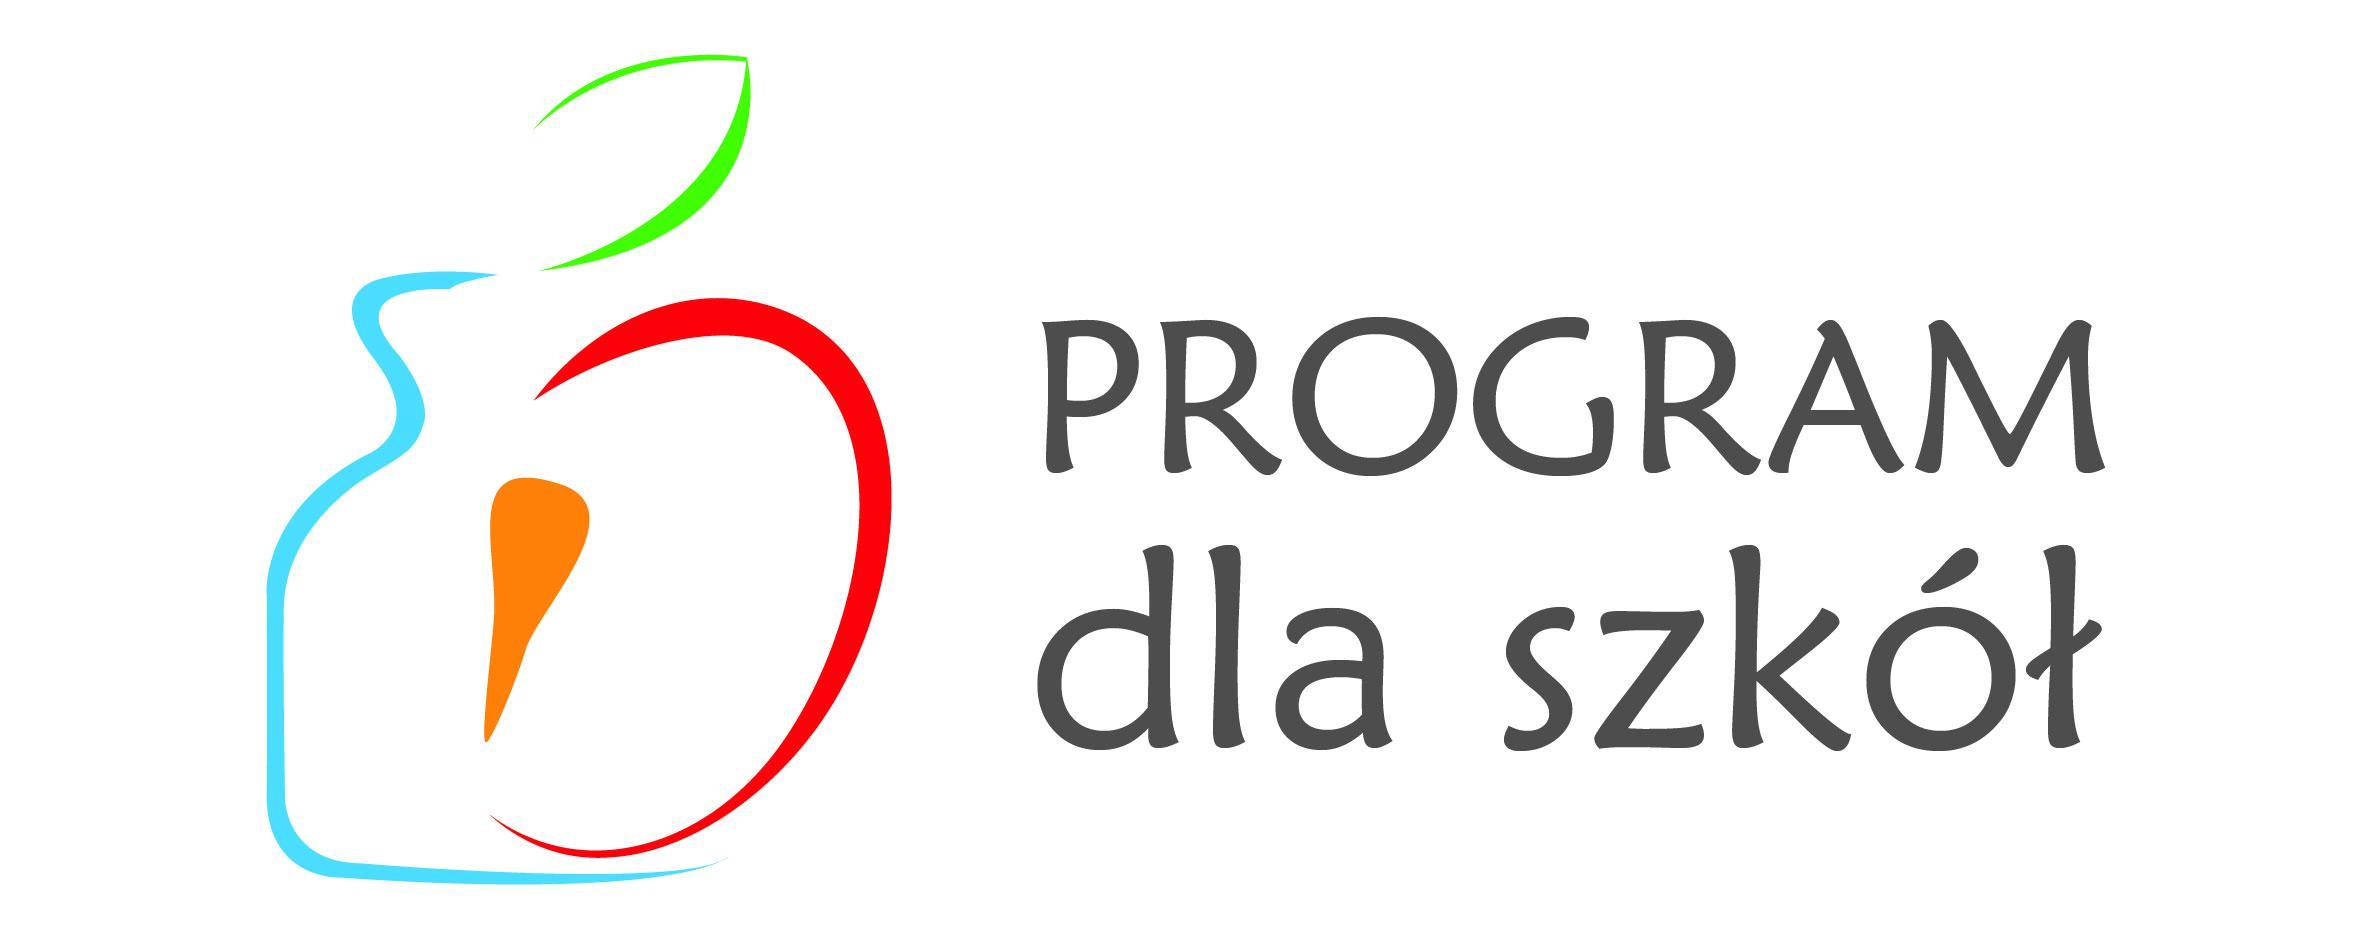 Program dla szkół – owoce i warzywa w szkole | Szkoła Podstawowa nr 1 w  Swarzędzu